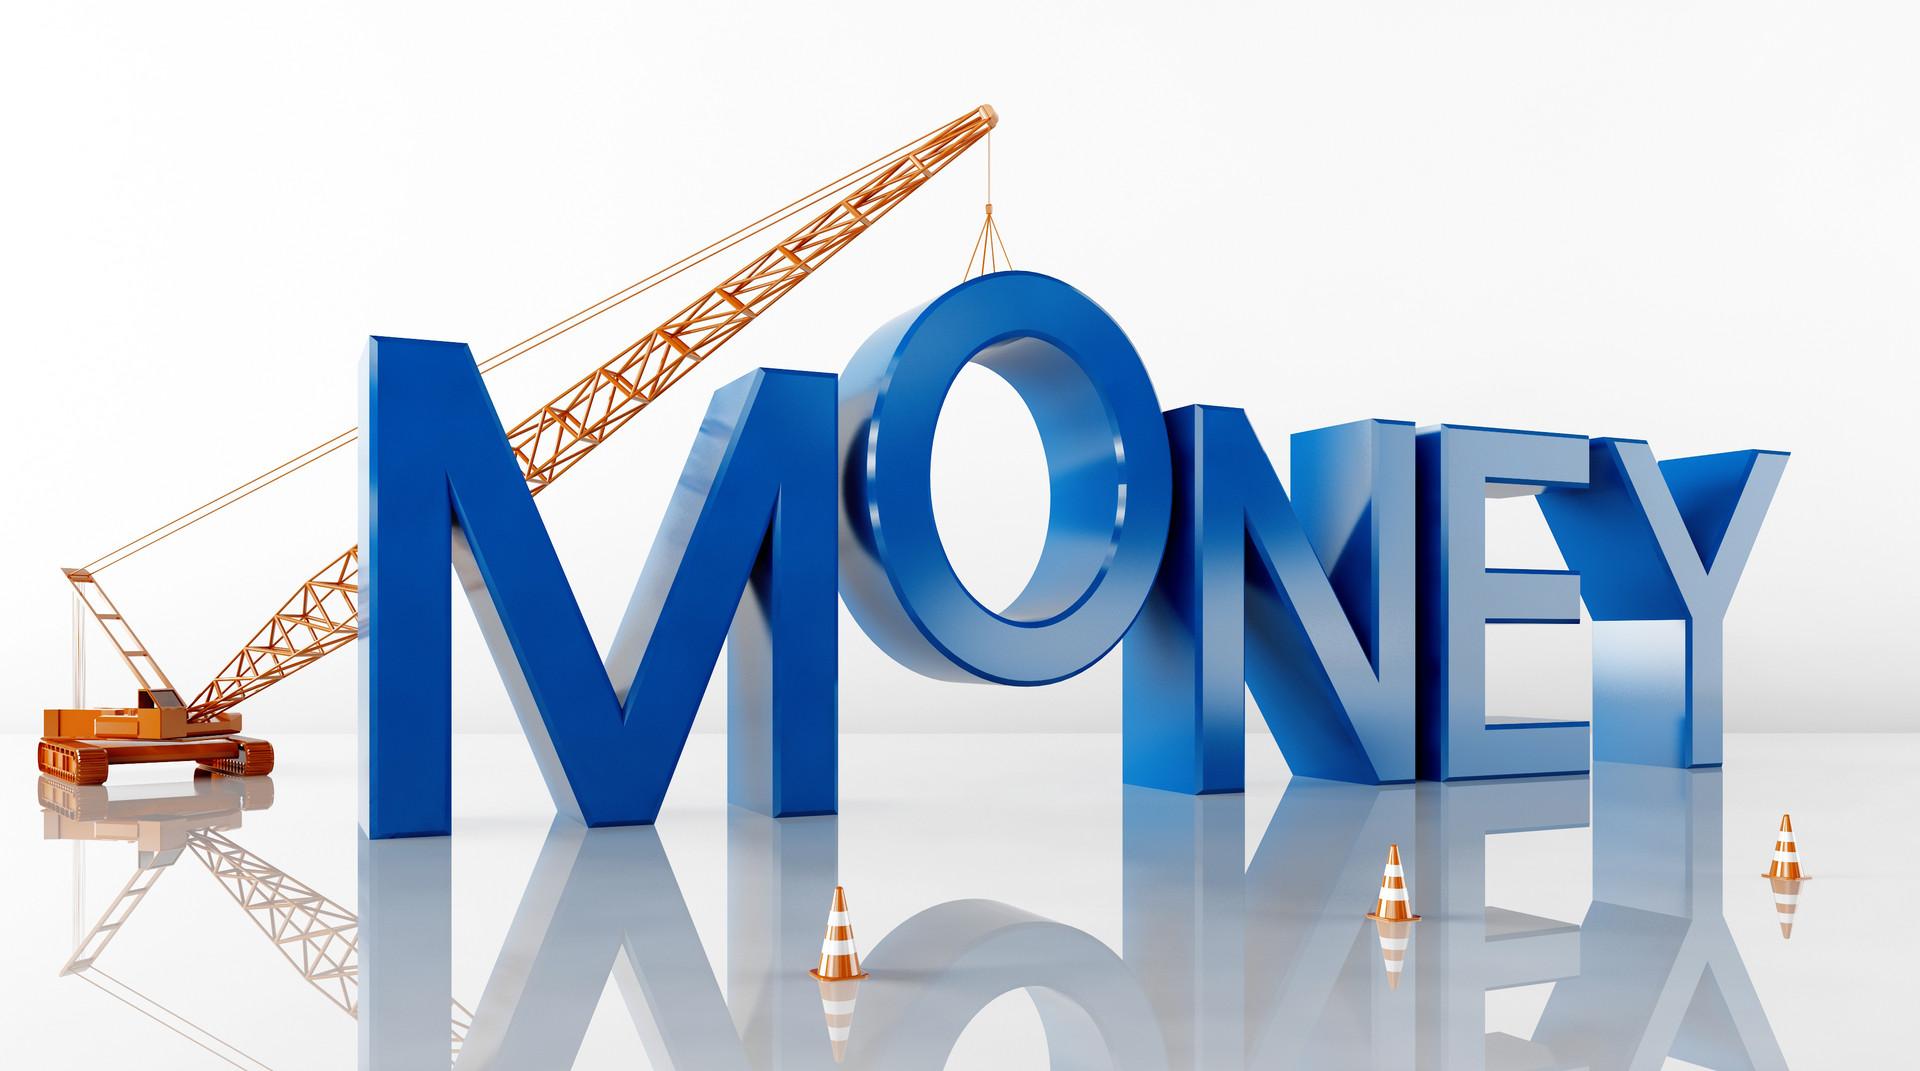 代发薪资为了什么?为了提升企业经营效率和员工满意度